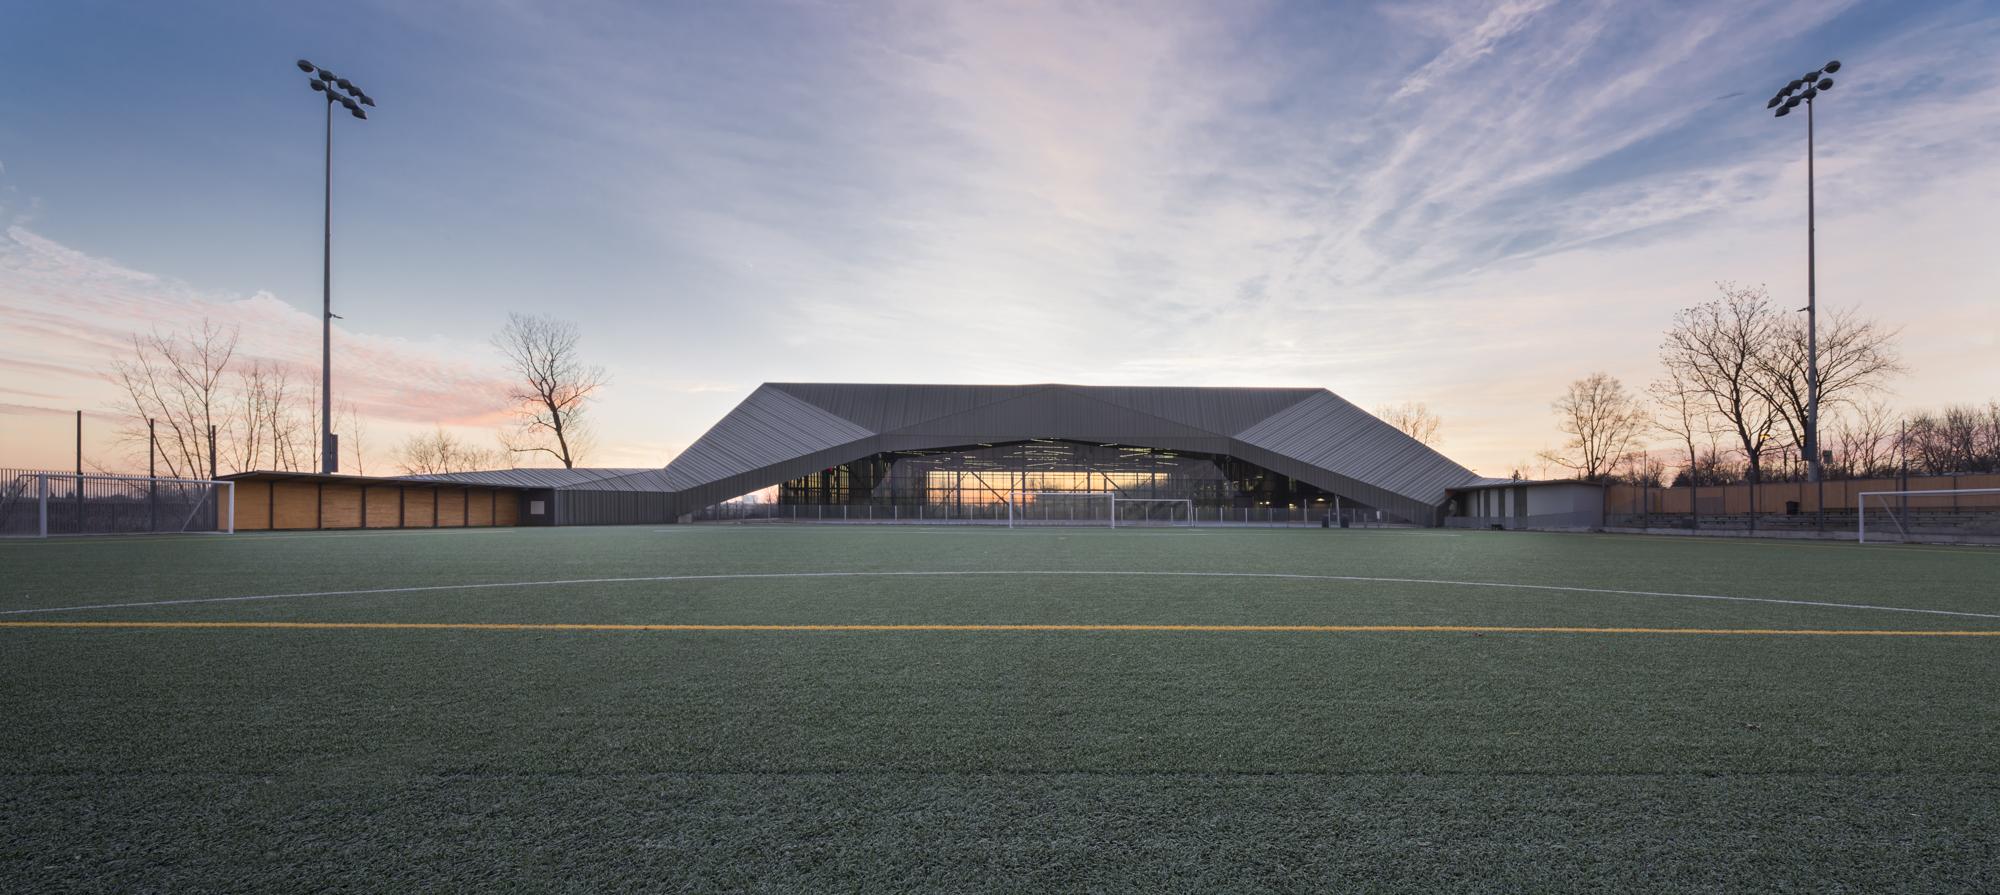 Stade de soccer de Montréal Cecobois 2